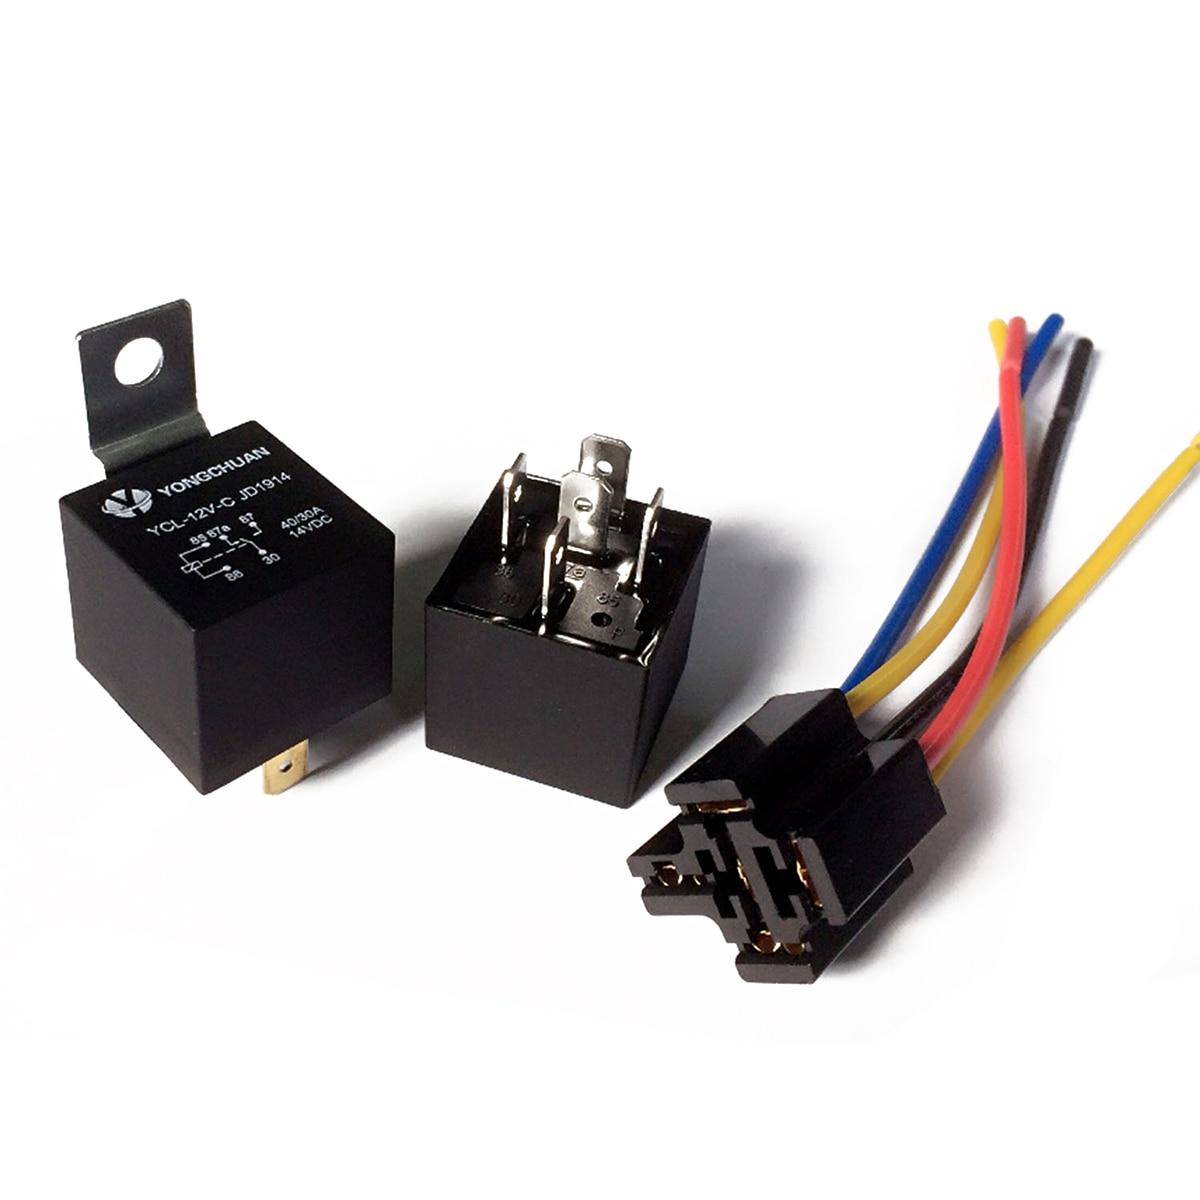 5-pin 12V DC 40A Automotive Auto Relay